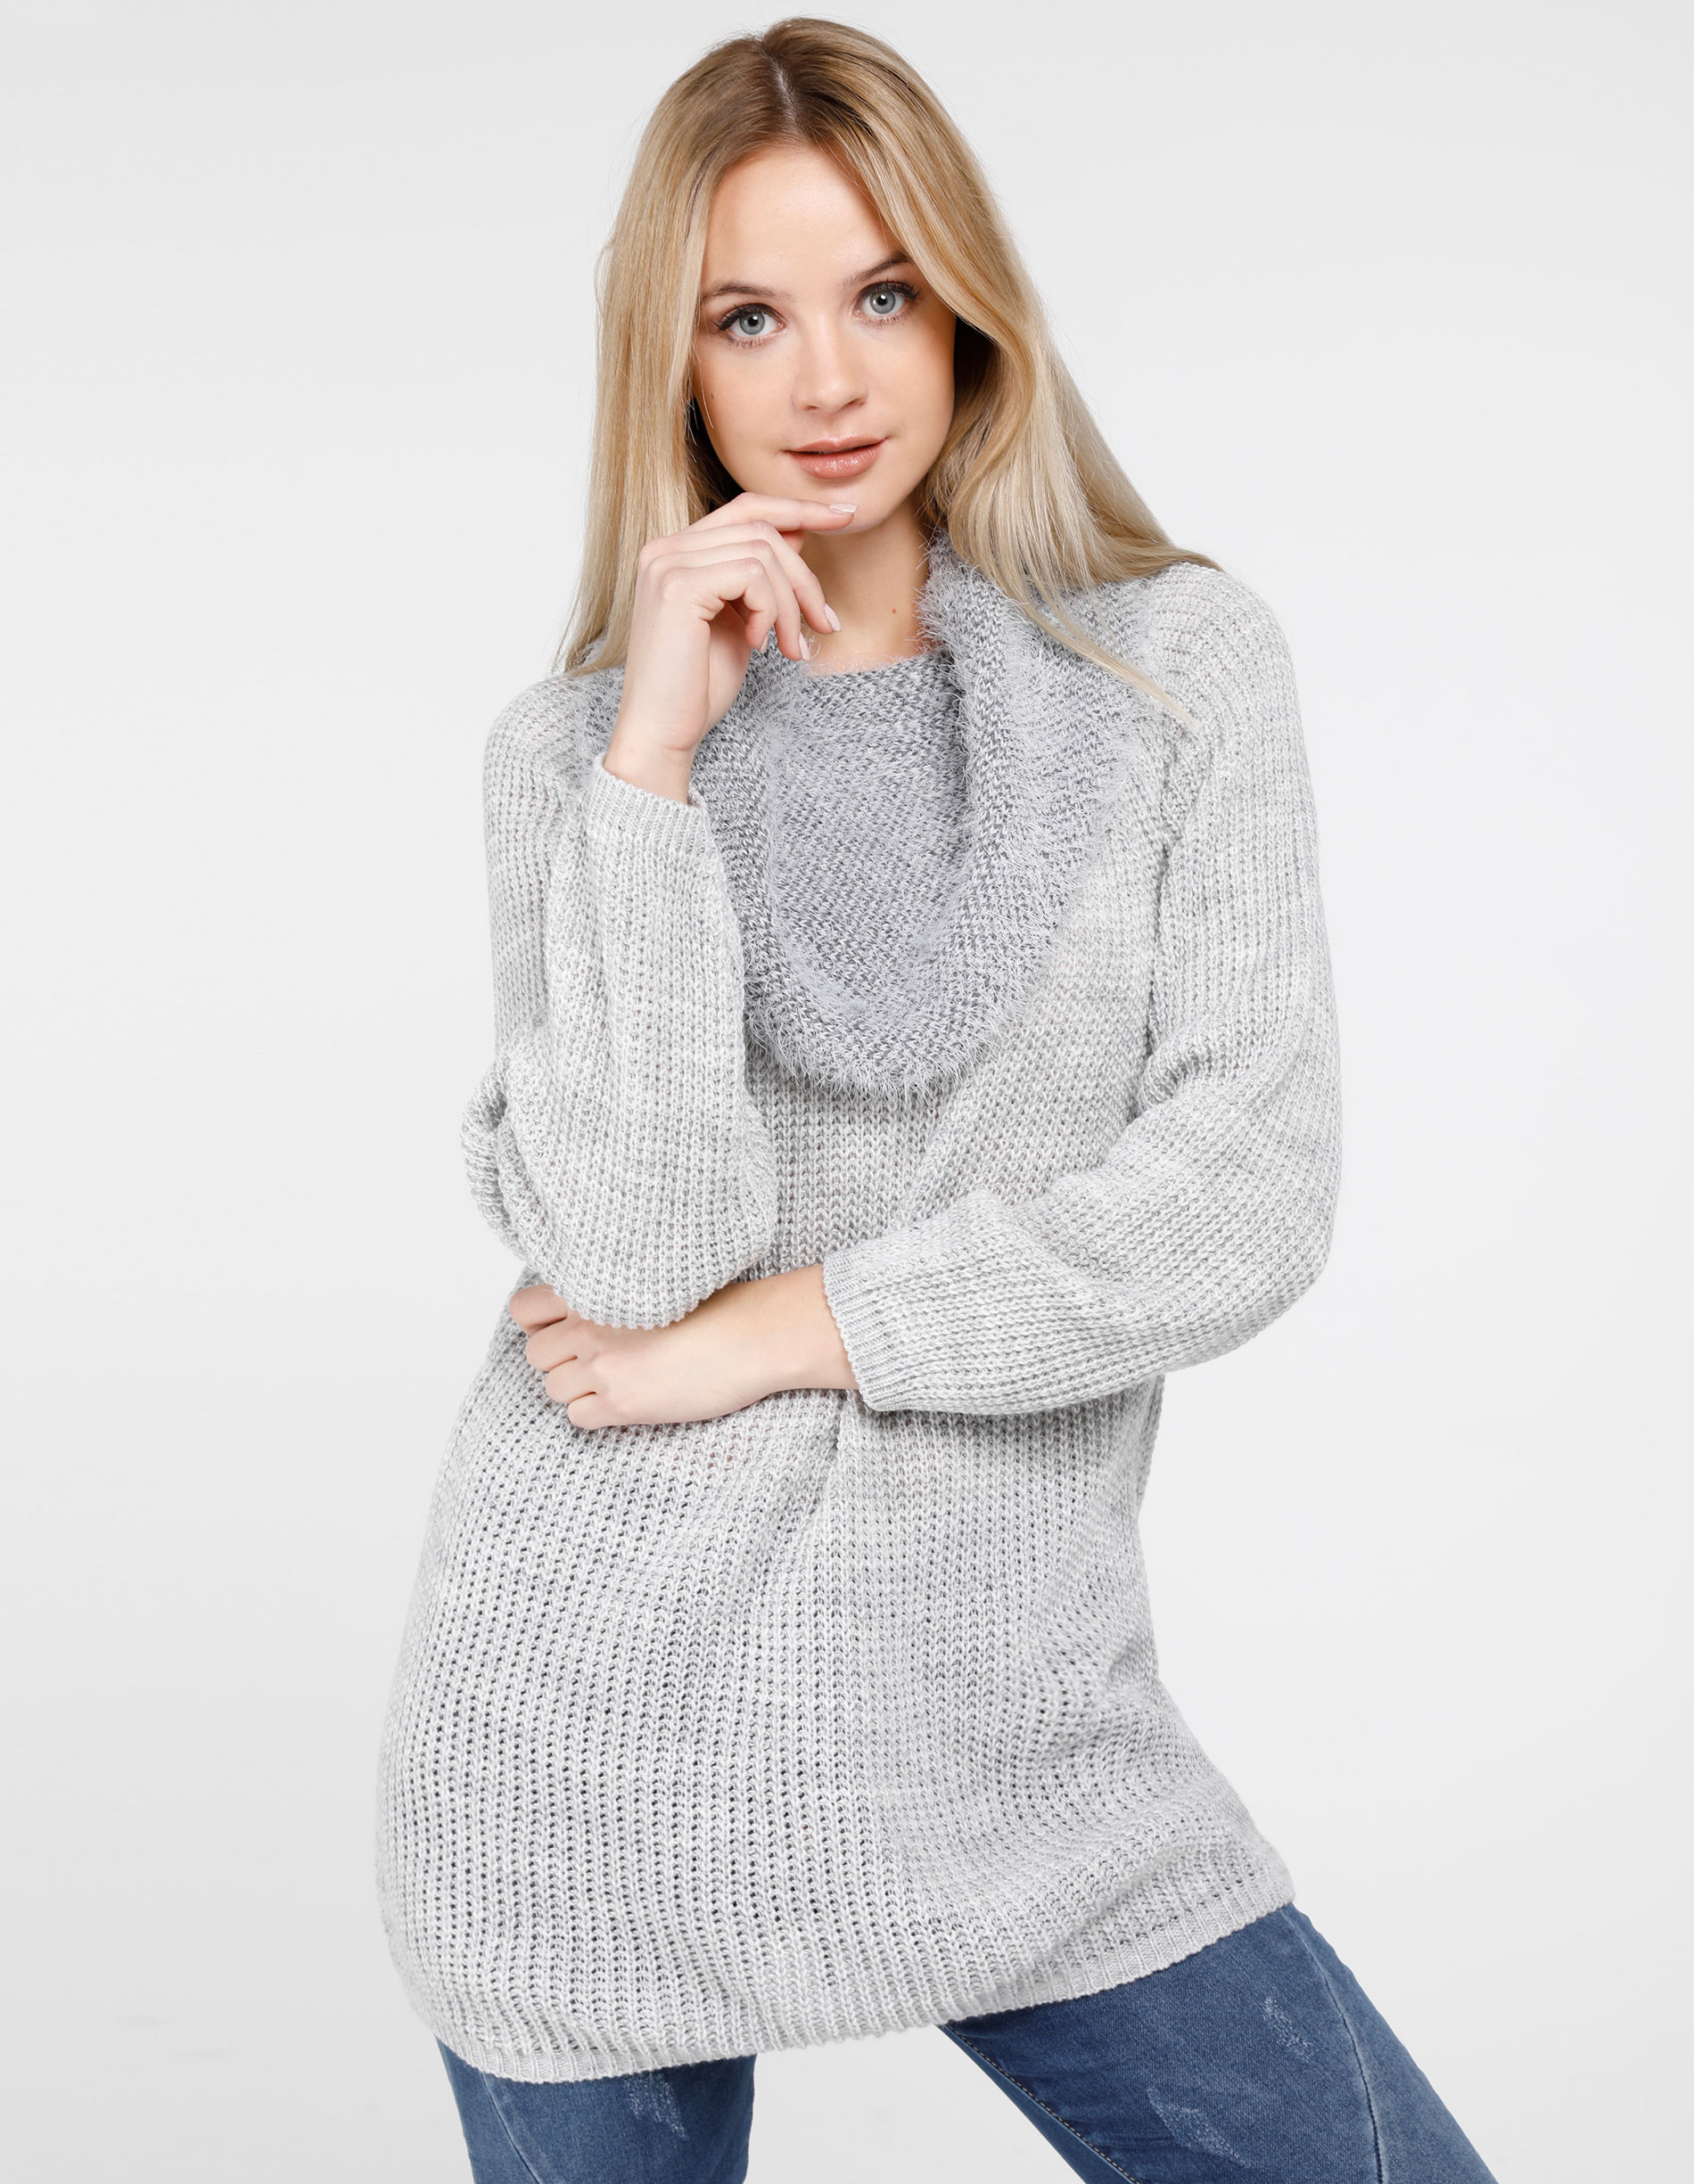 Sweter - 167-288 GR CH - Unisono